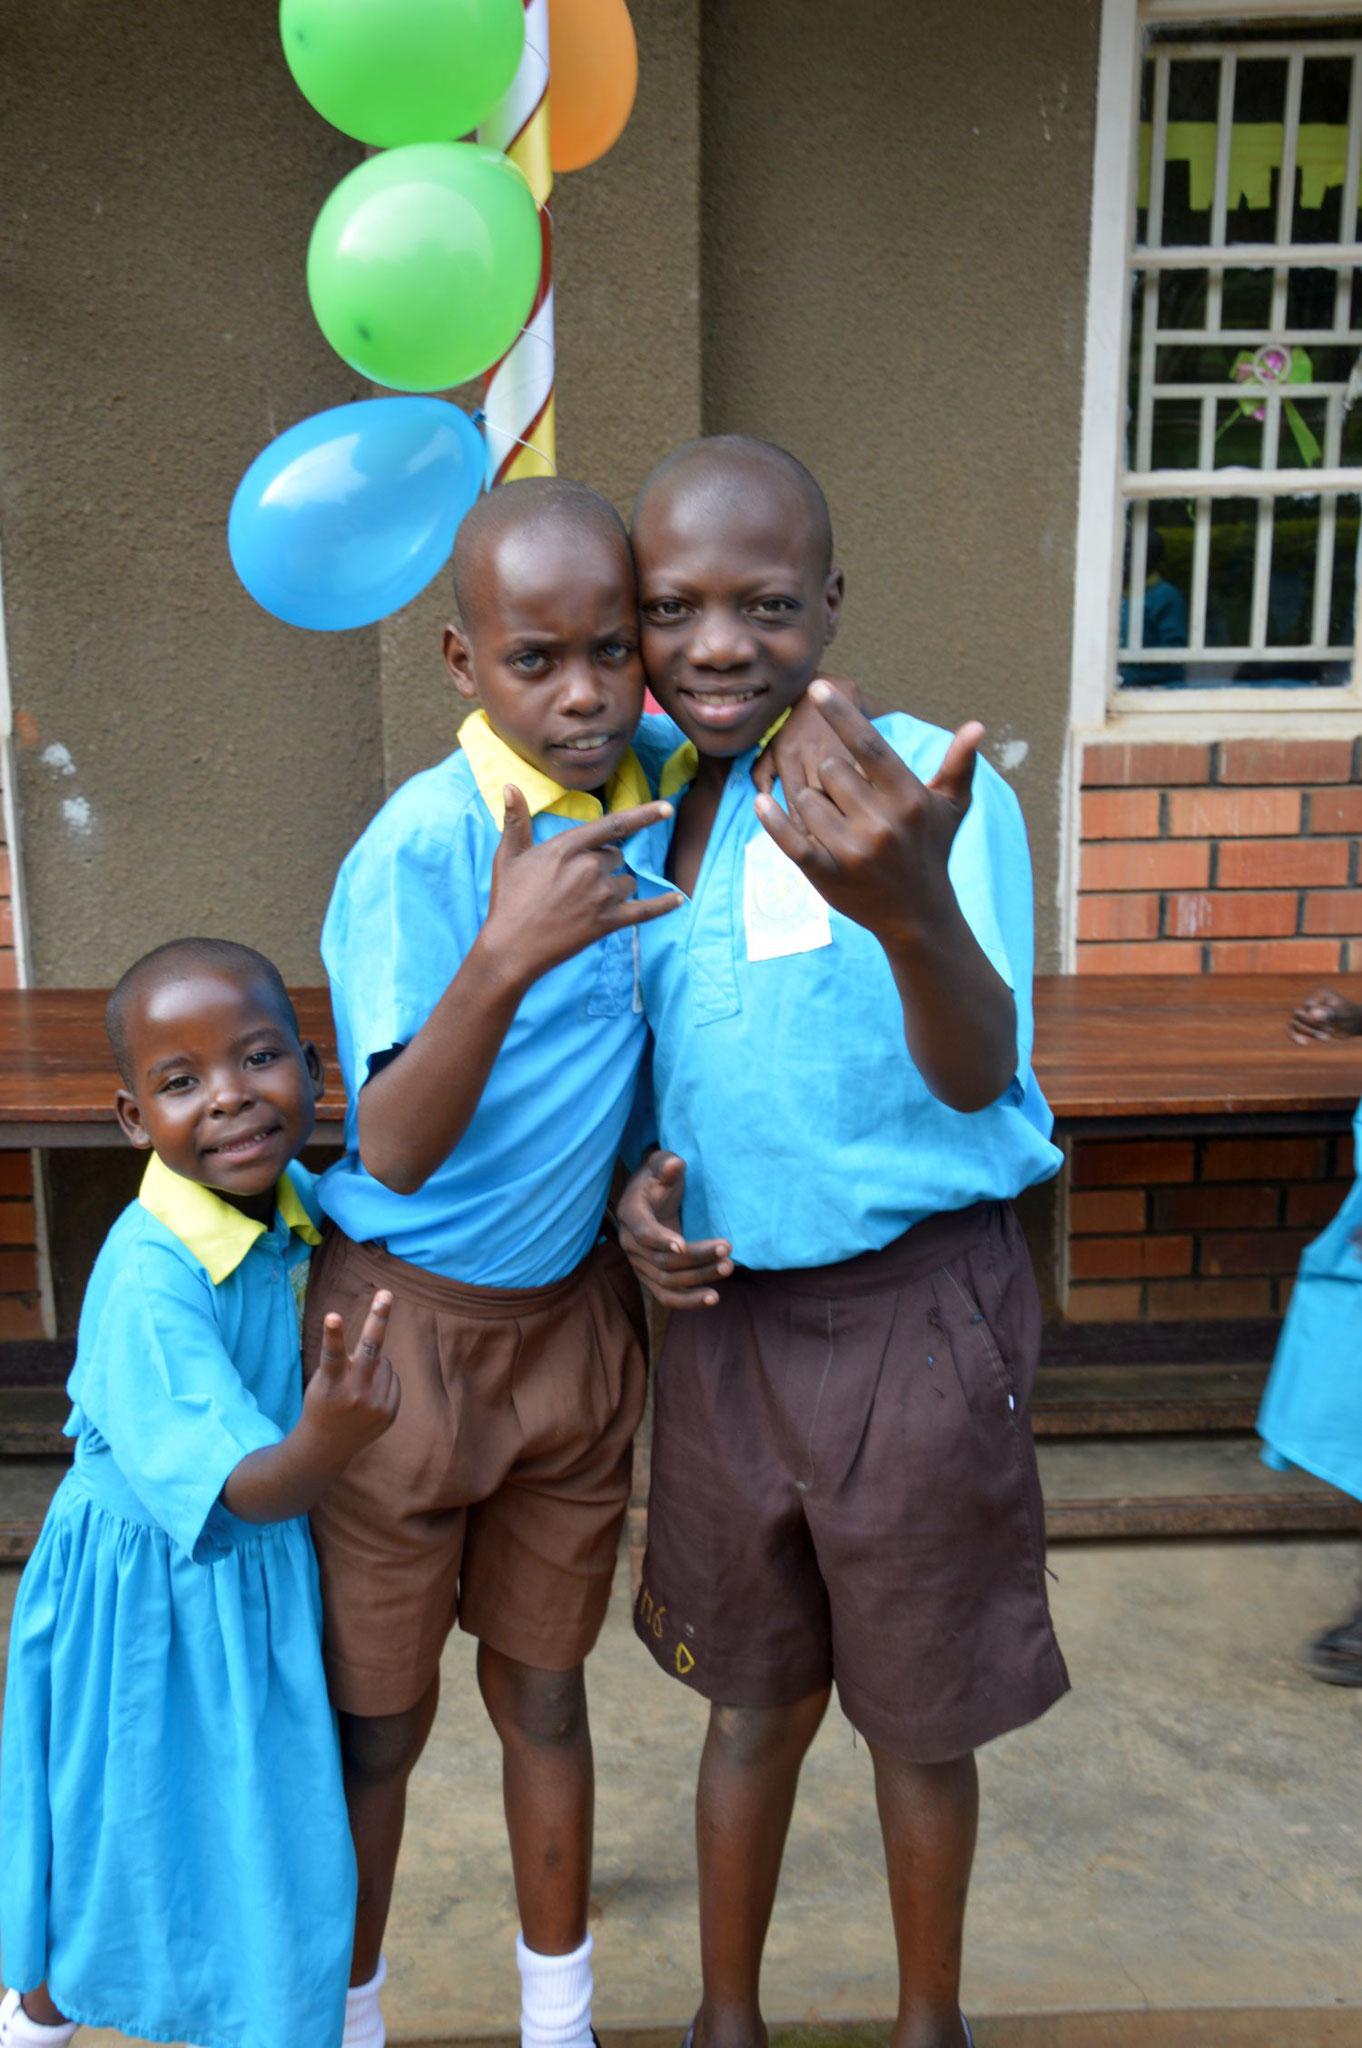 Die Kids am Elterntag in ihrer Sonntagskleidung freuen sich schon auf ihre Eltern.